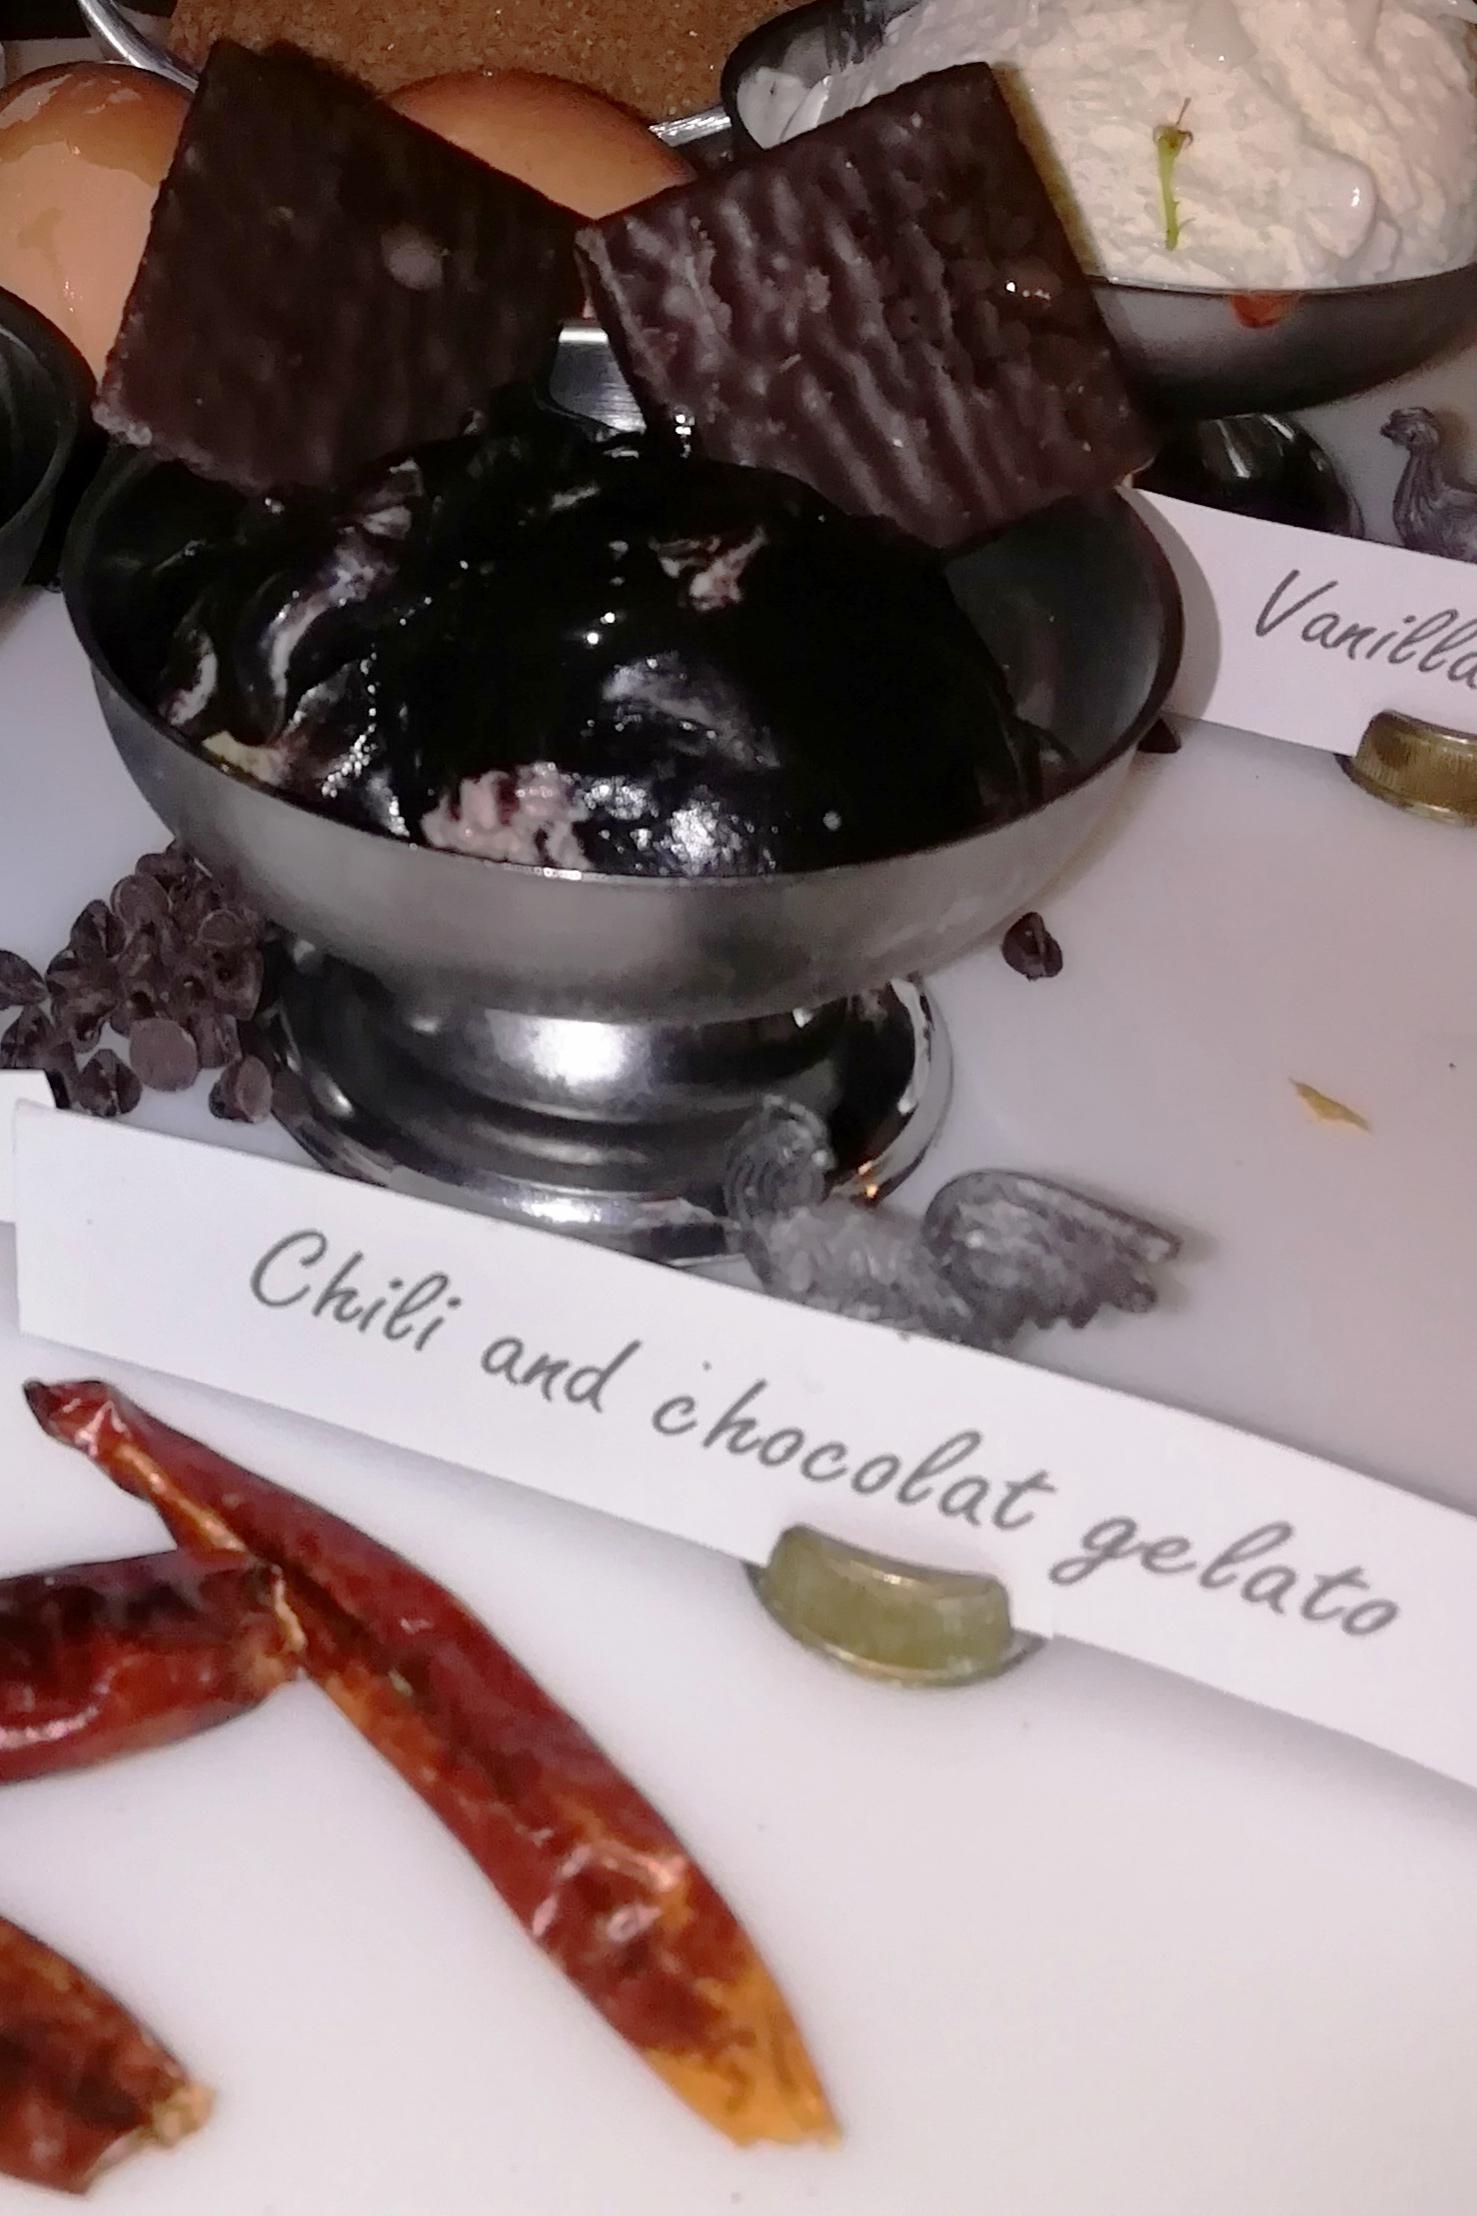 Chili and dark chocolate gelato